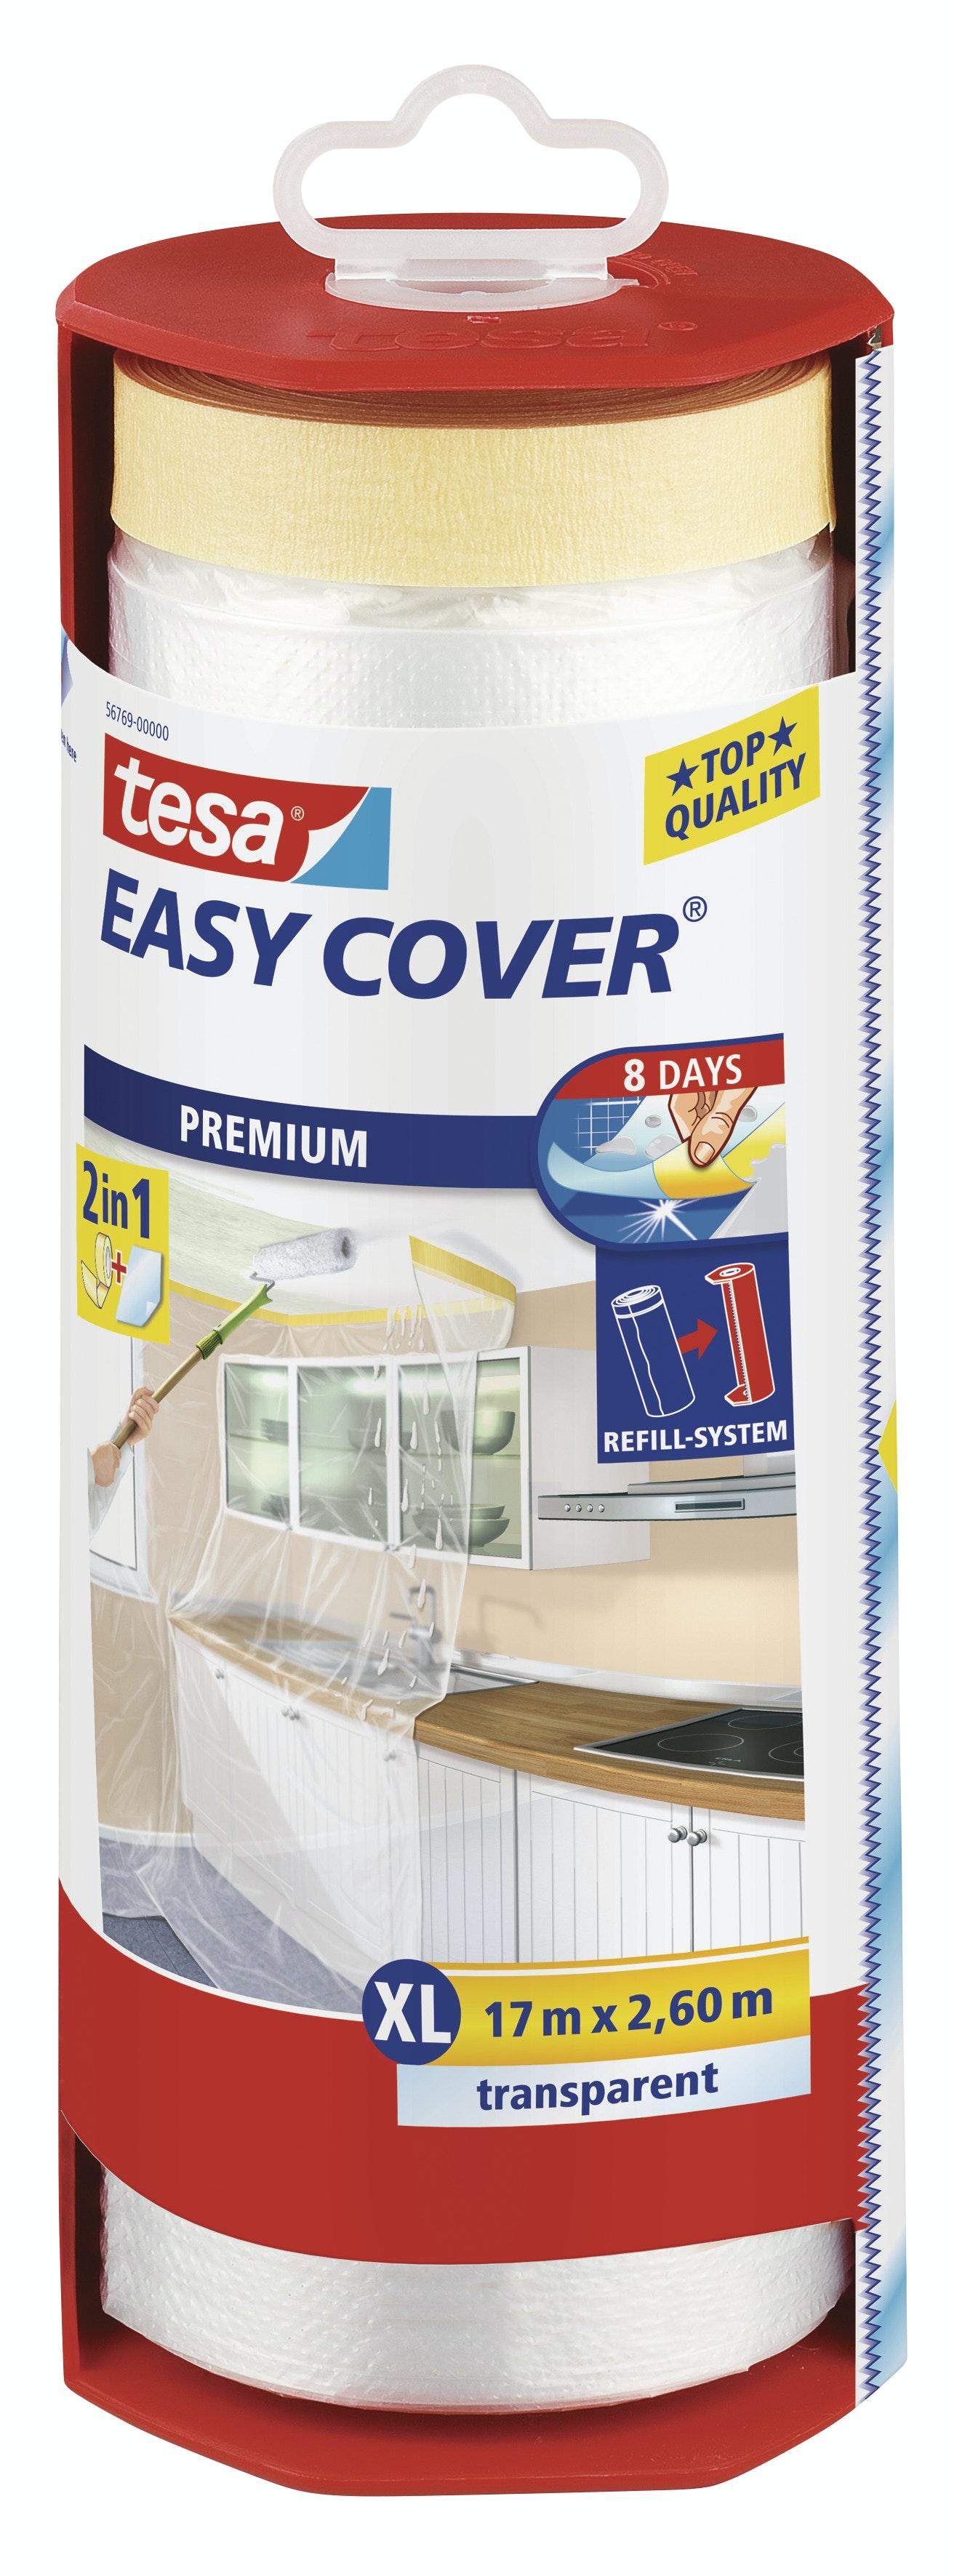 Plastfolie Tesa Easy Cover Premium Transparent 2600mmx17m